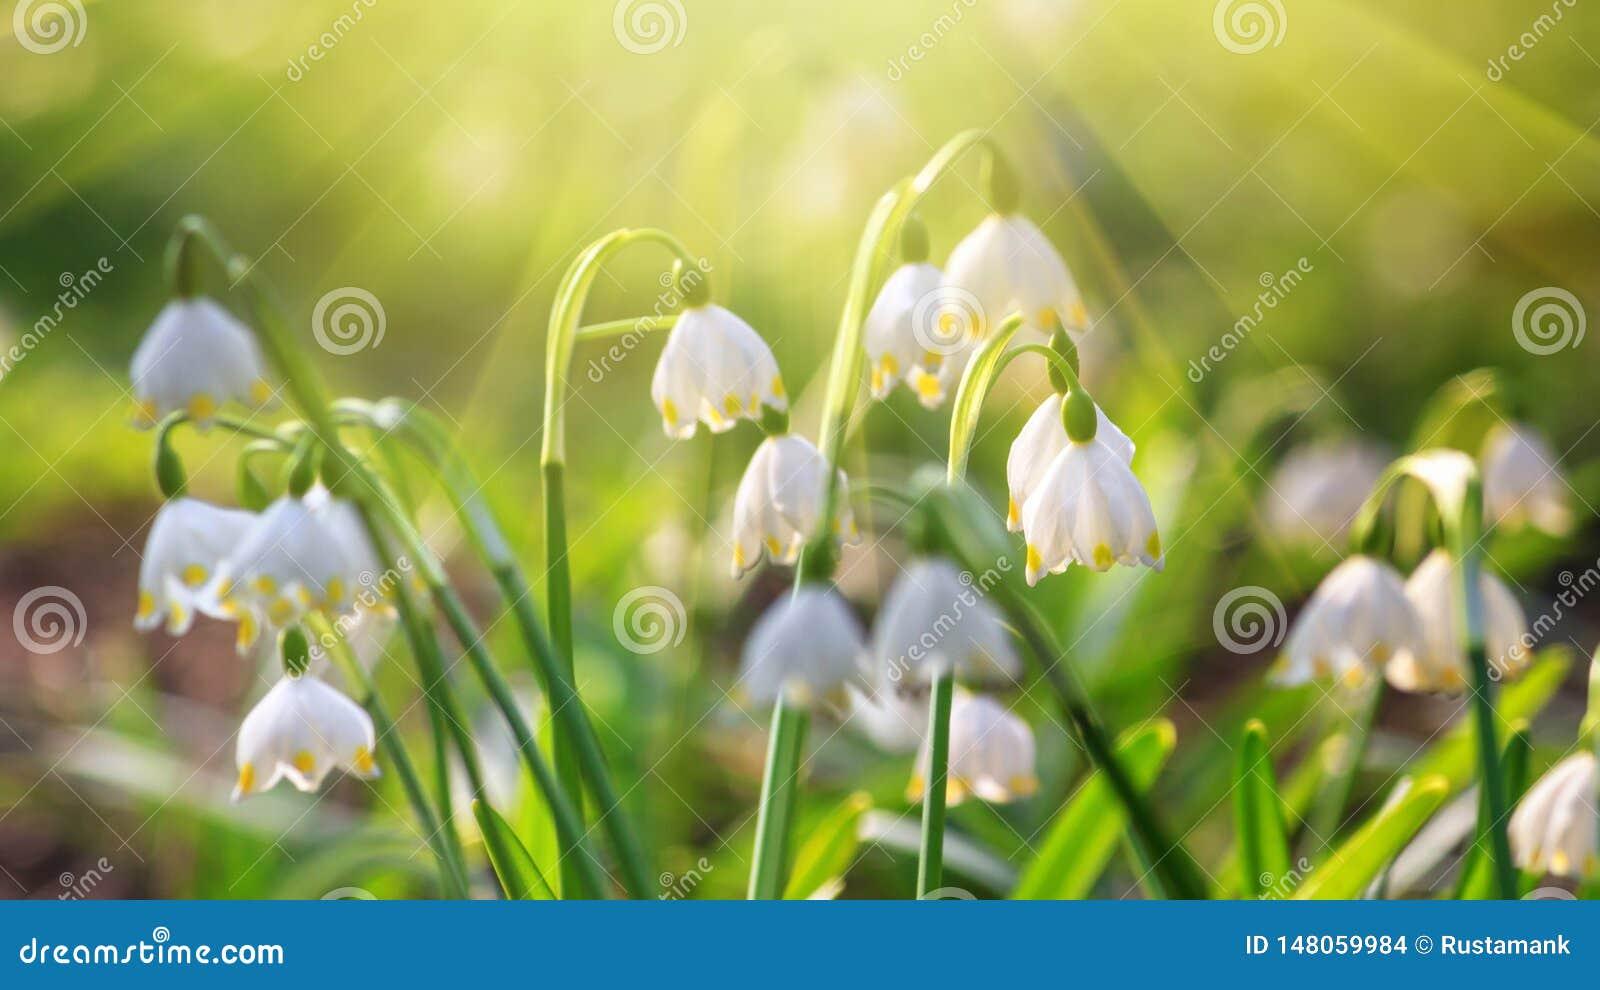 Vernum de Leucojum o copo de nieve de la primavera - flores blancas florecientes